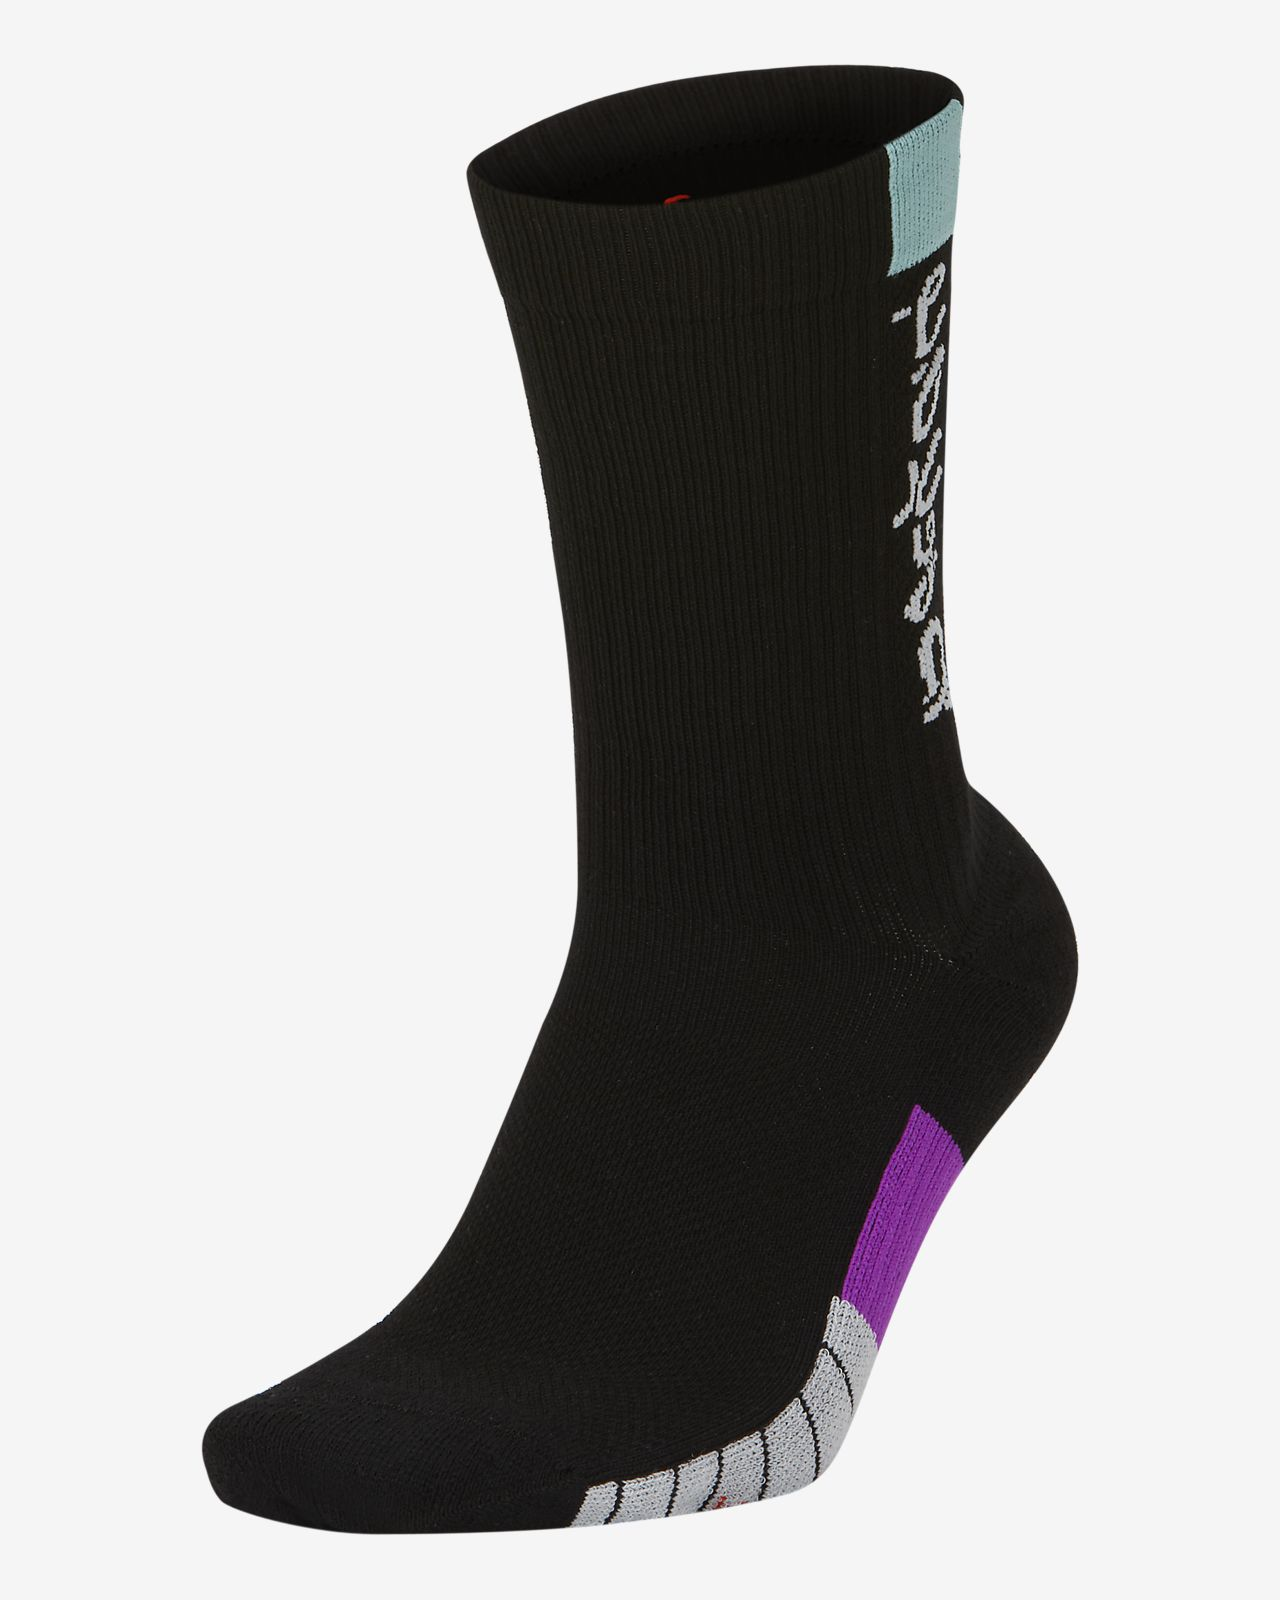 ถุงเท้าข้อยาว Nike Multiplier Marathon